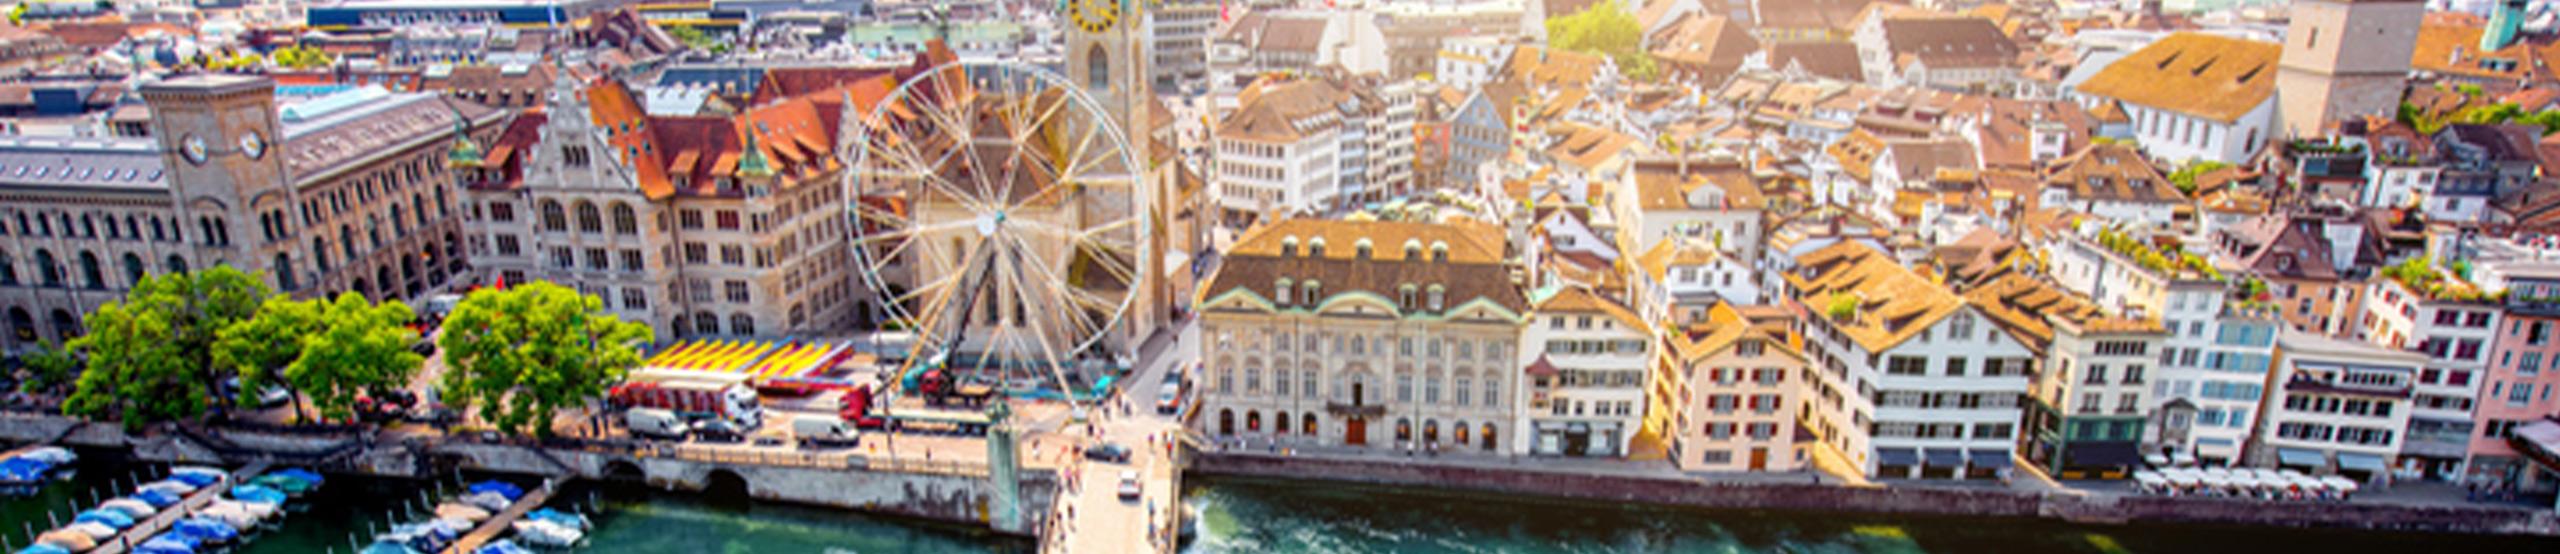 Western Europe City | Naples Global Advisors, SEC Registered Investment Advisor